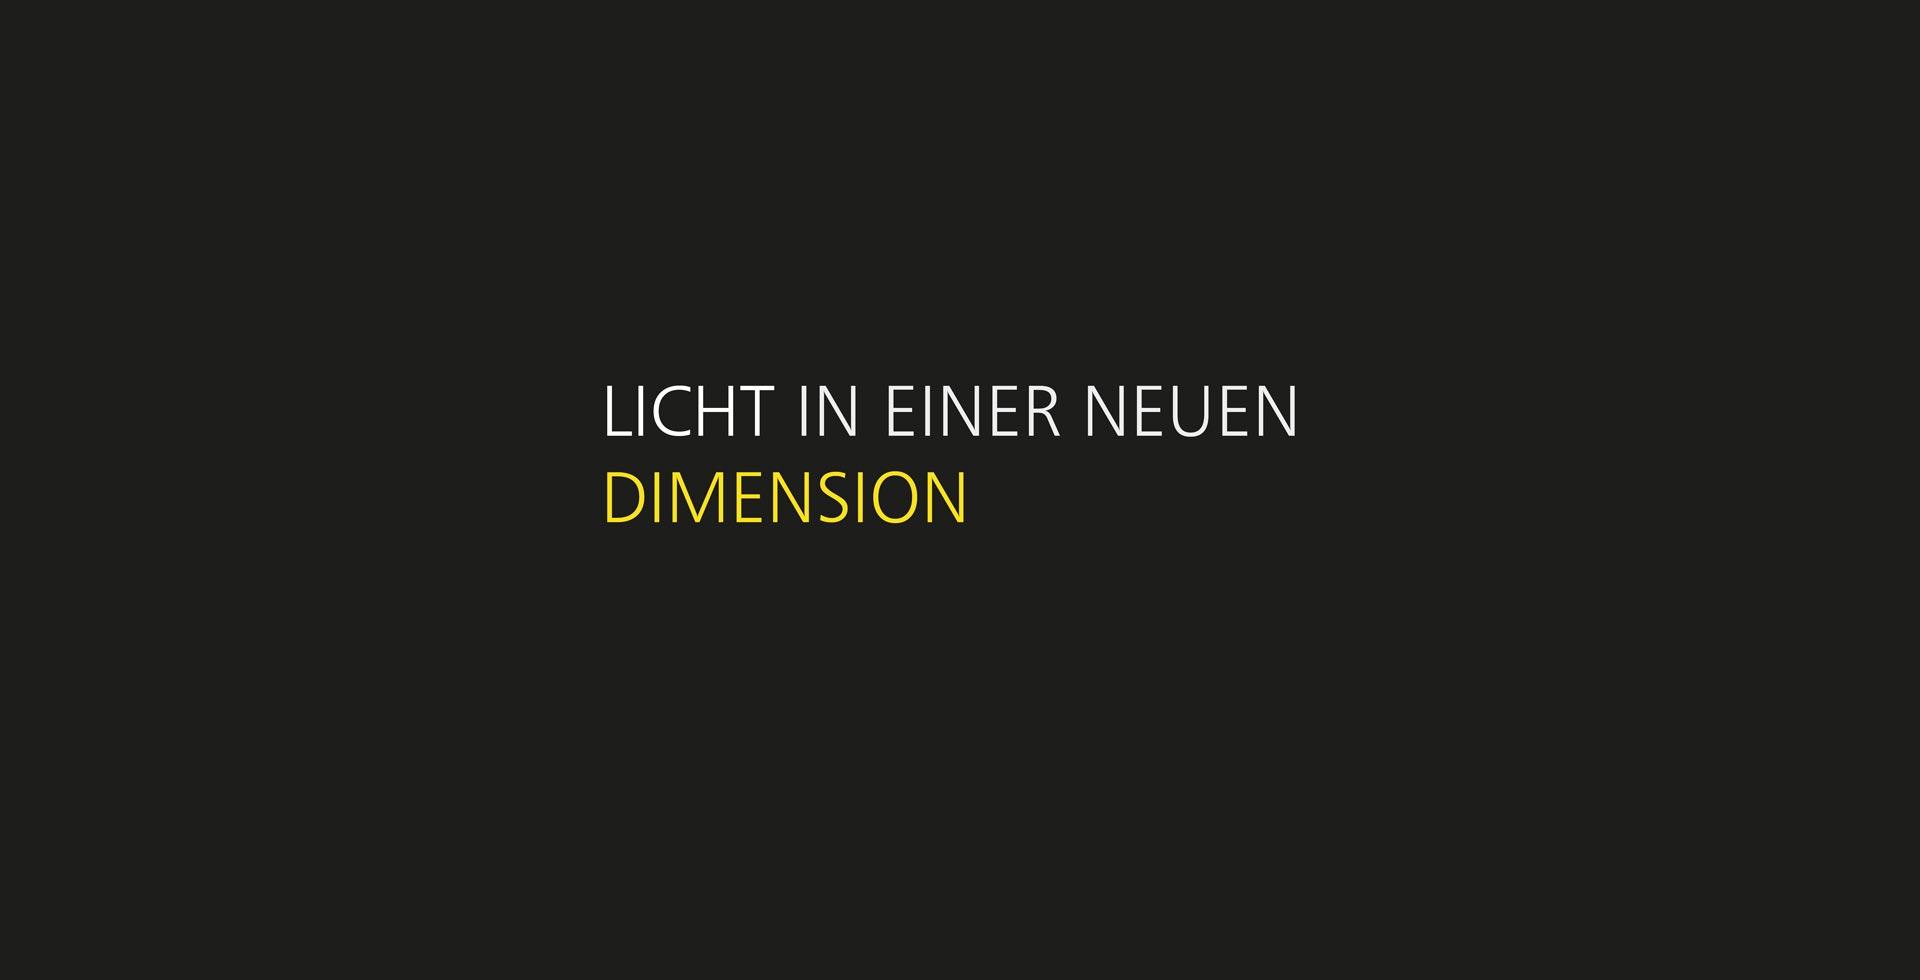 Licht-in-einer-neuen-dimension